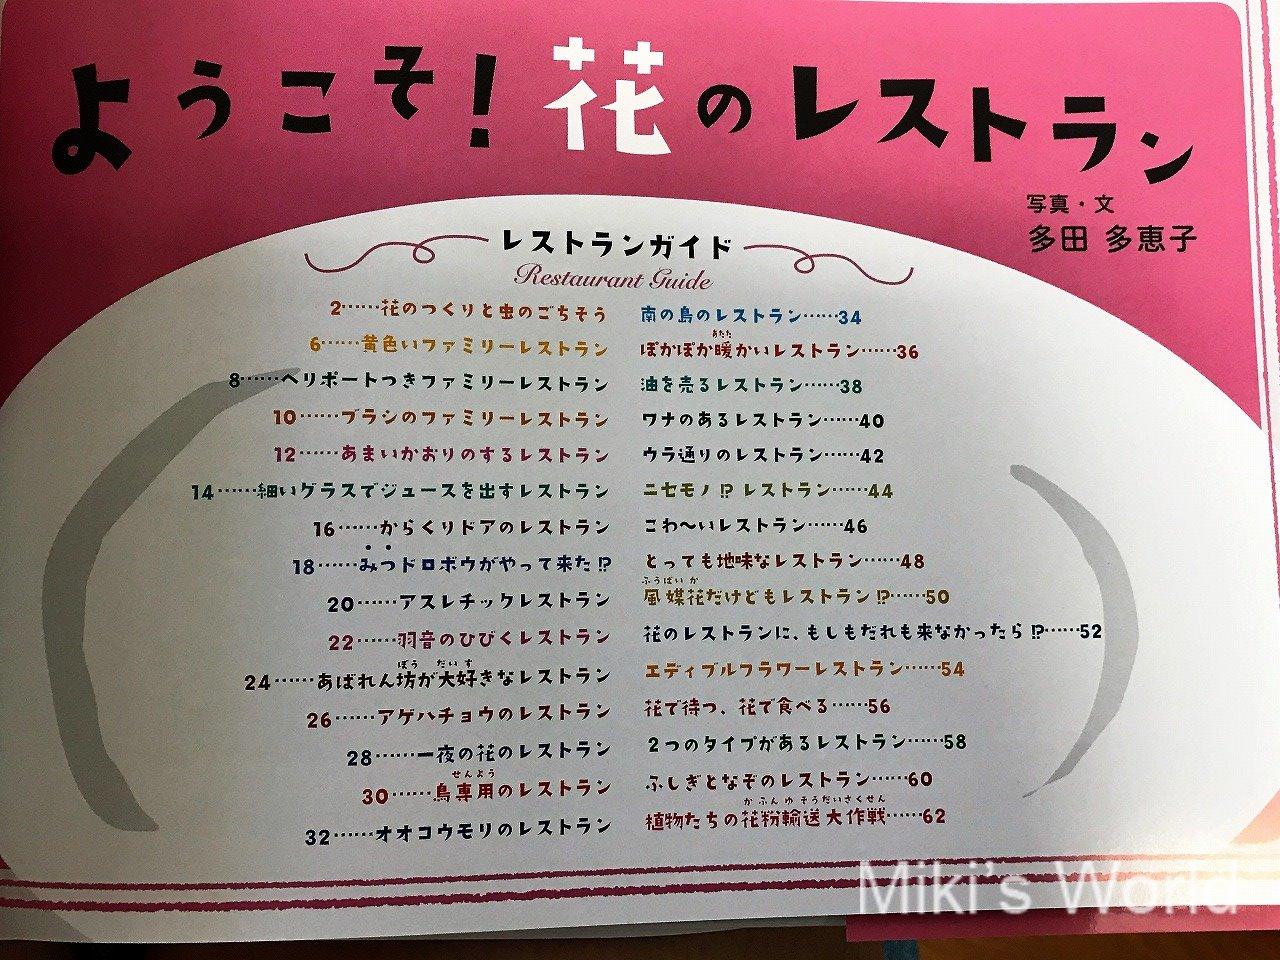 書籍紹介『ようこそ!花のレストラン』多田多恵子さん 写真・文 少年写真新聞社